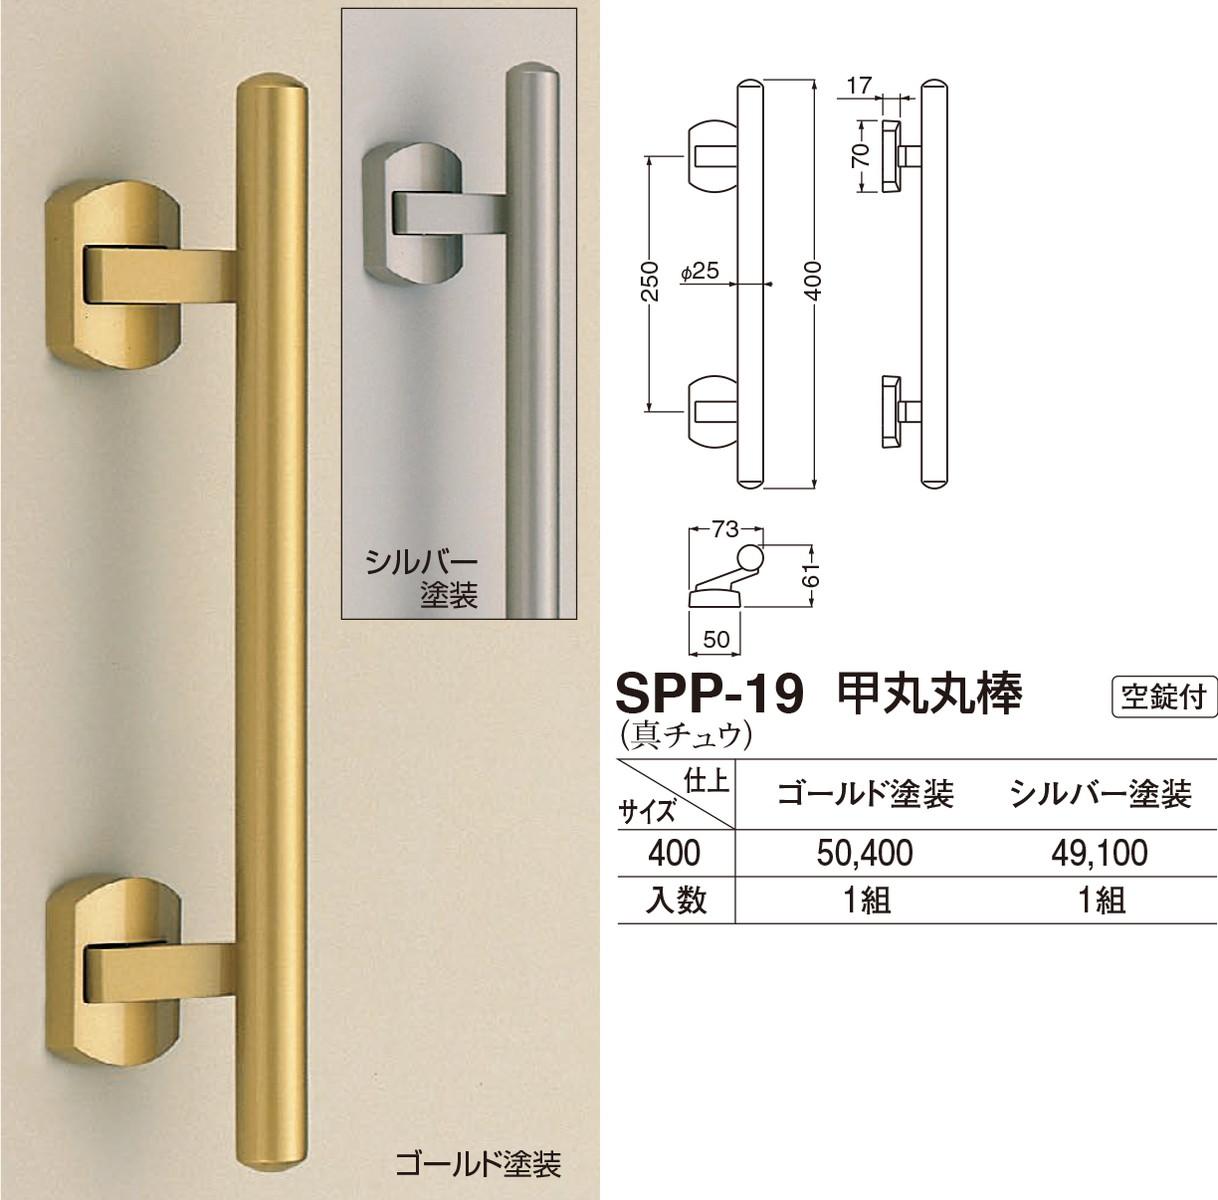 【シロクマ】甲丸丸棒 SPP-19 400mm ゴールド